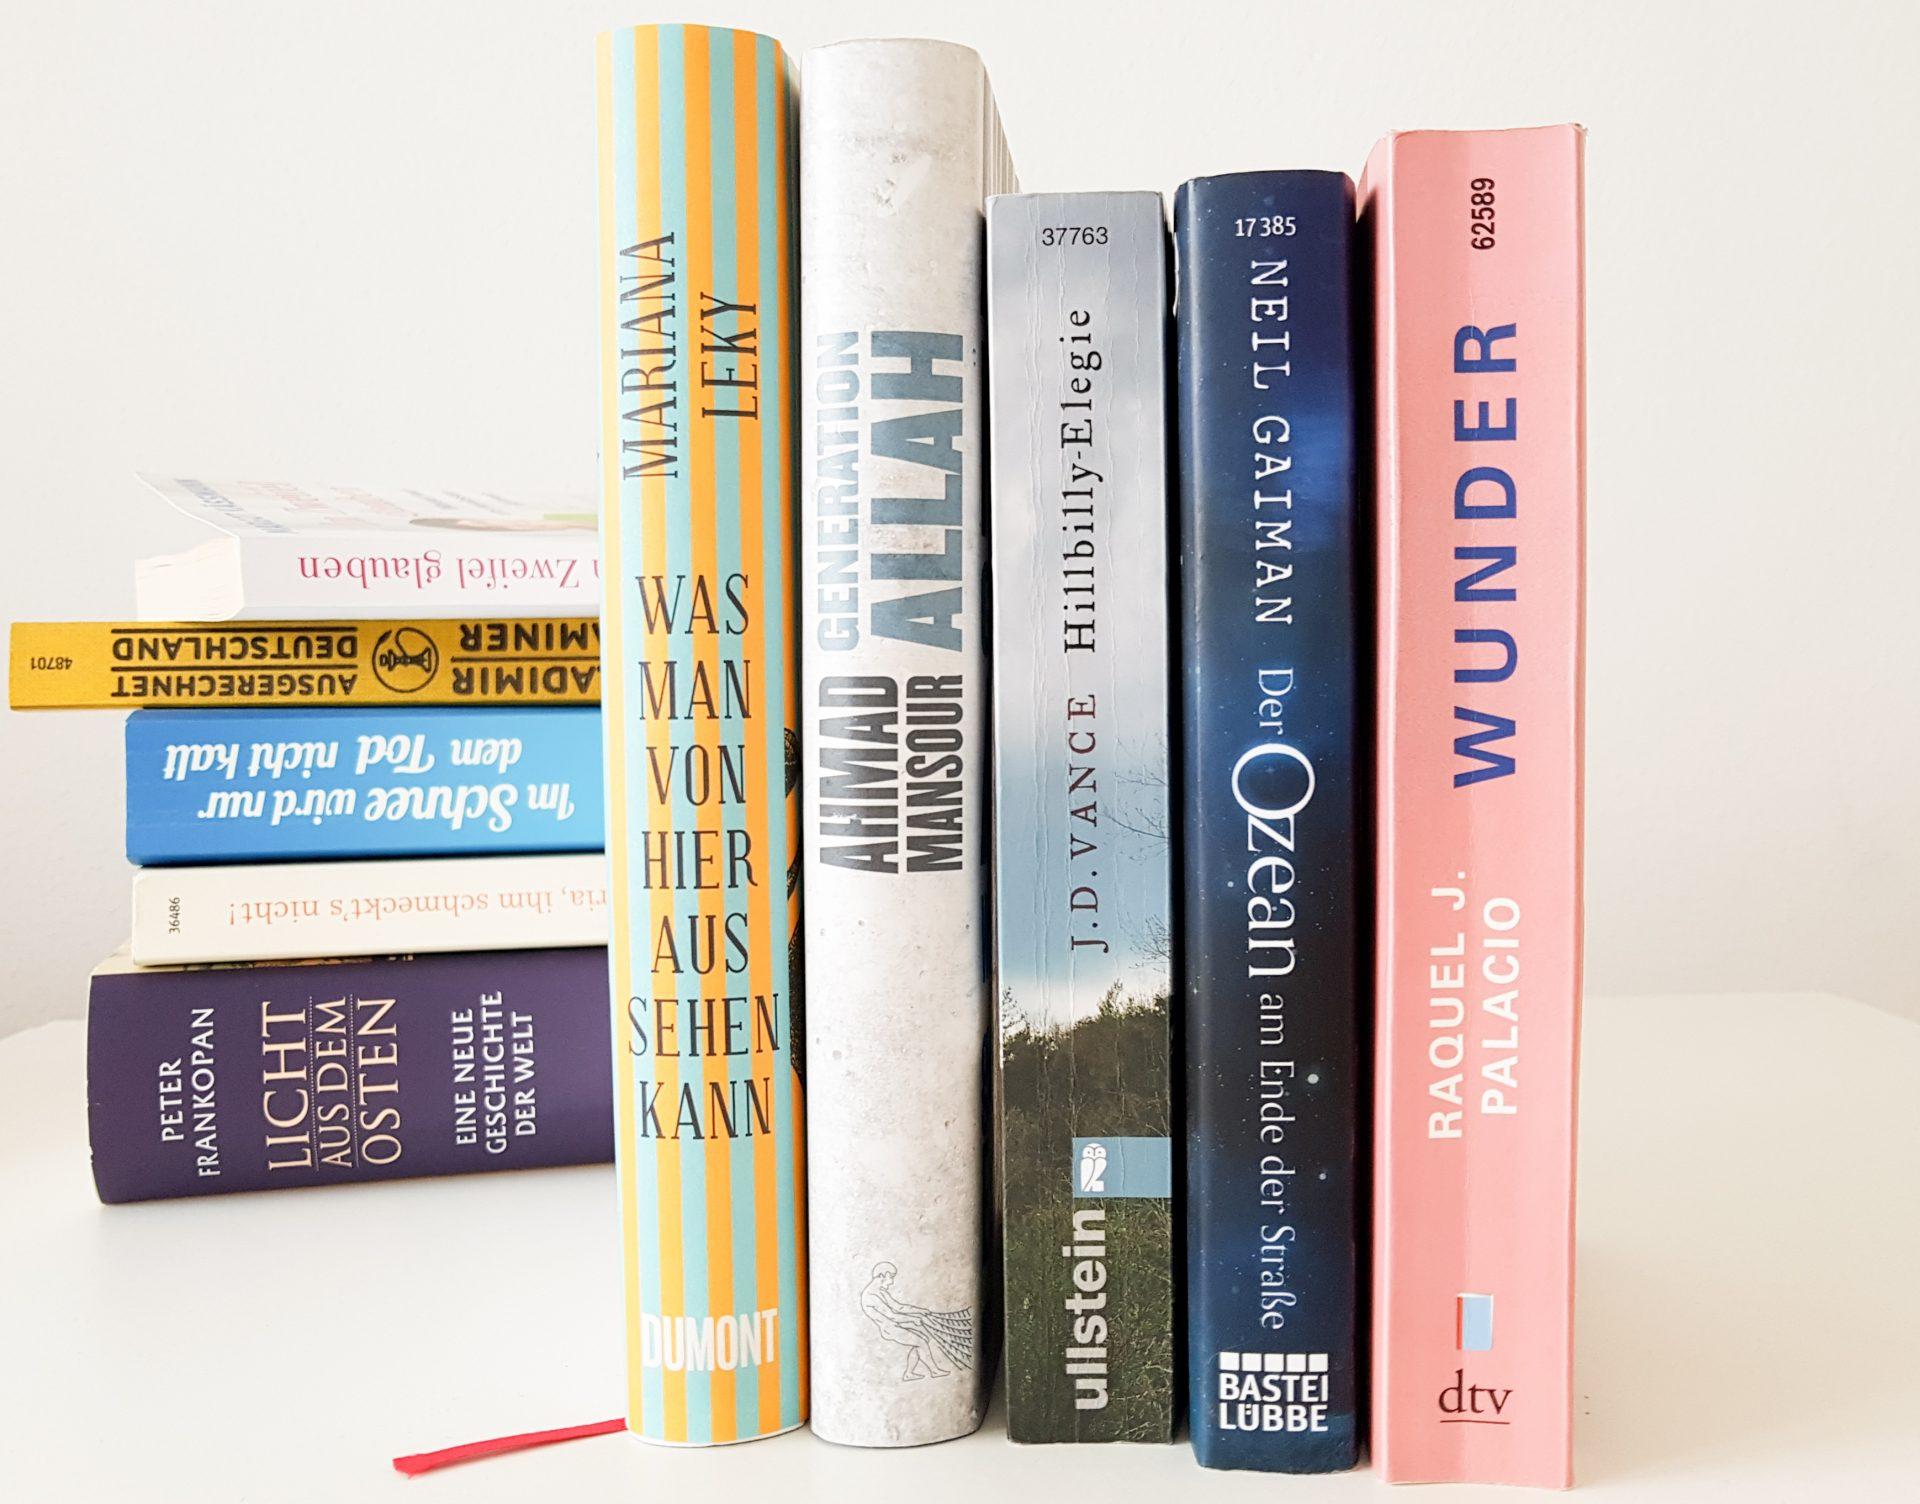 Vorne eine Reihe Bücher verschiedener Autoren, dahinter ein Bücherstapel